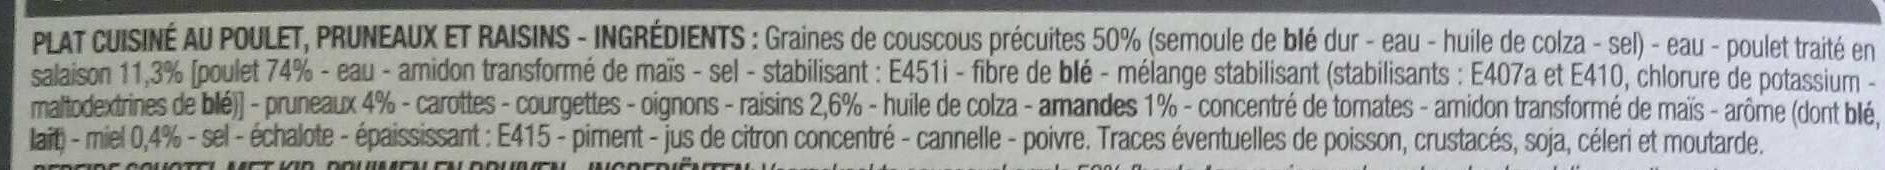 Tajine de poulet - Ingrédients - fr